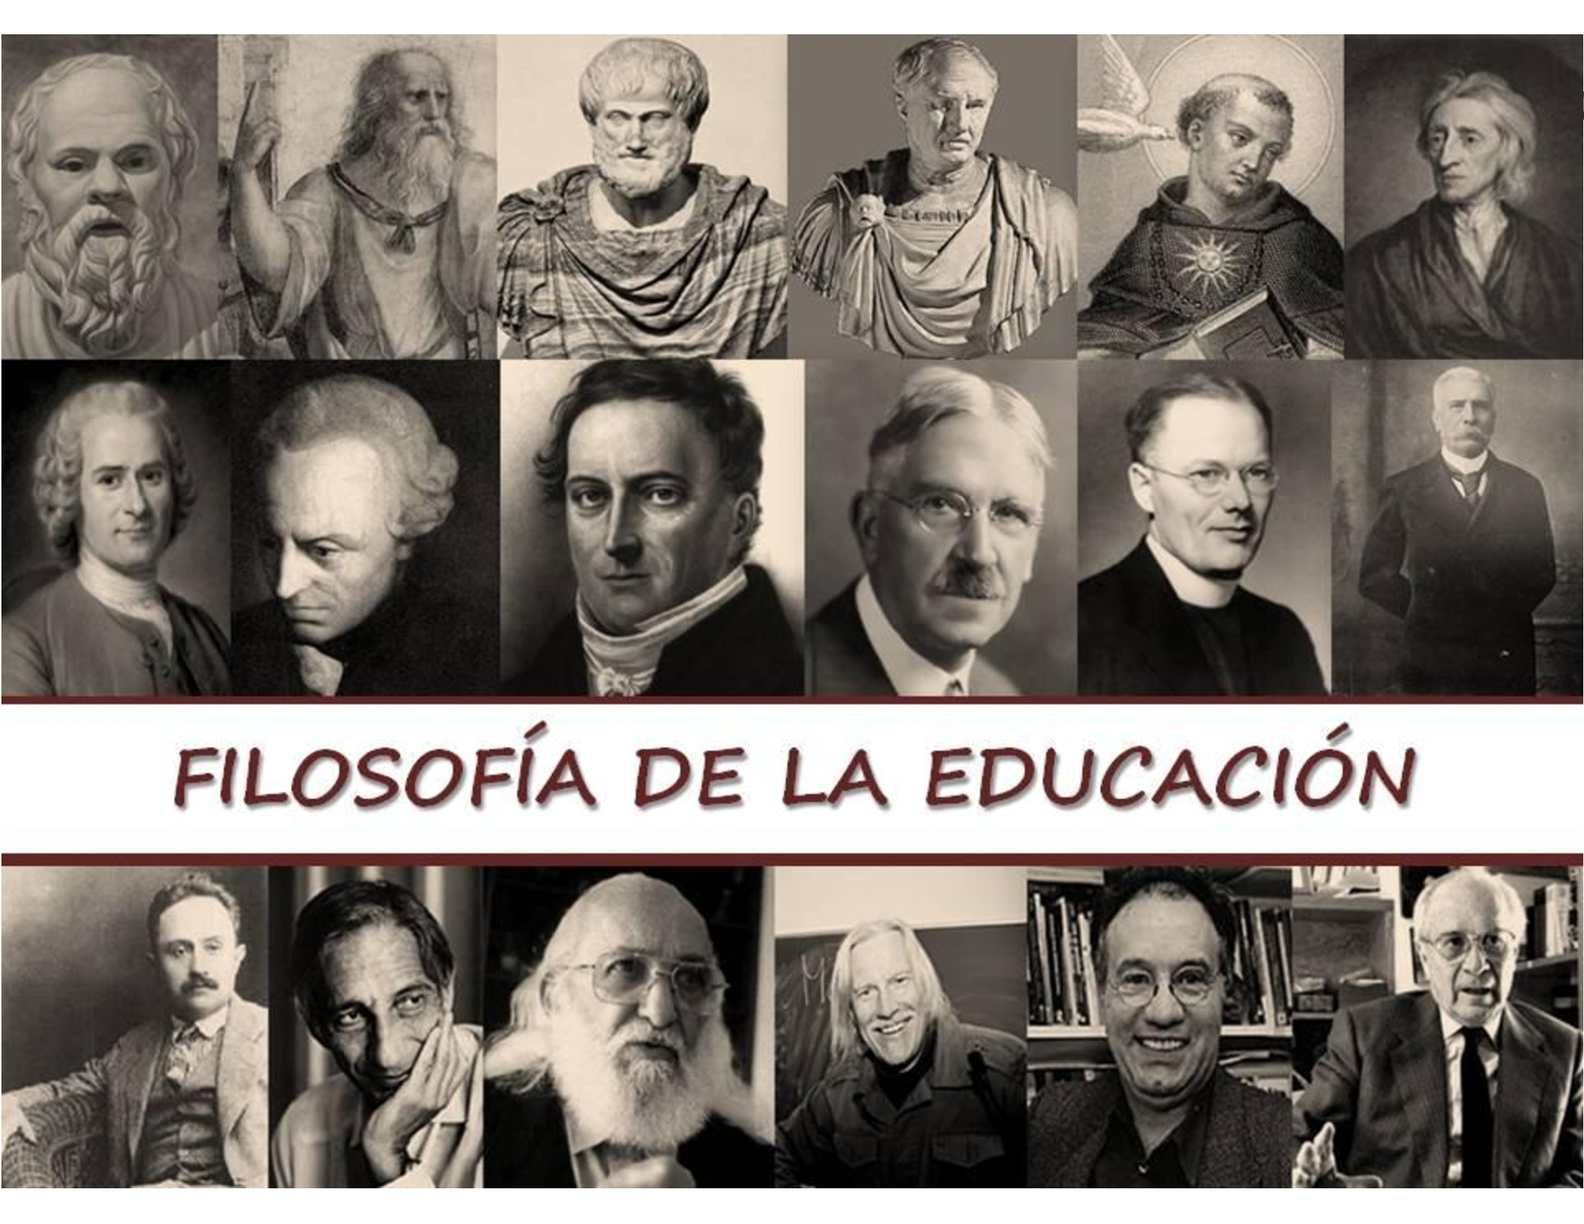 Reflexiones sobre la filosofía educativa